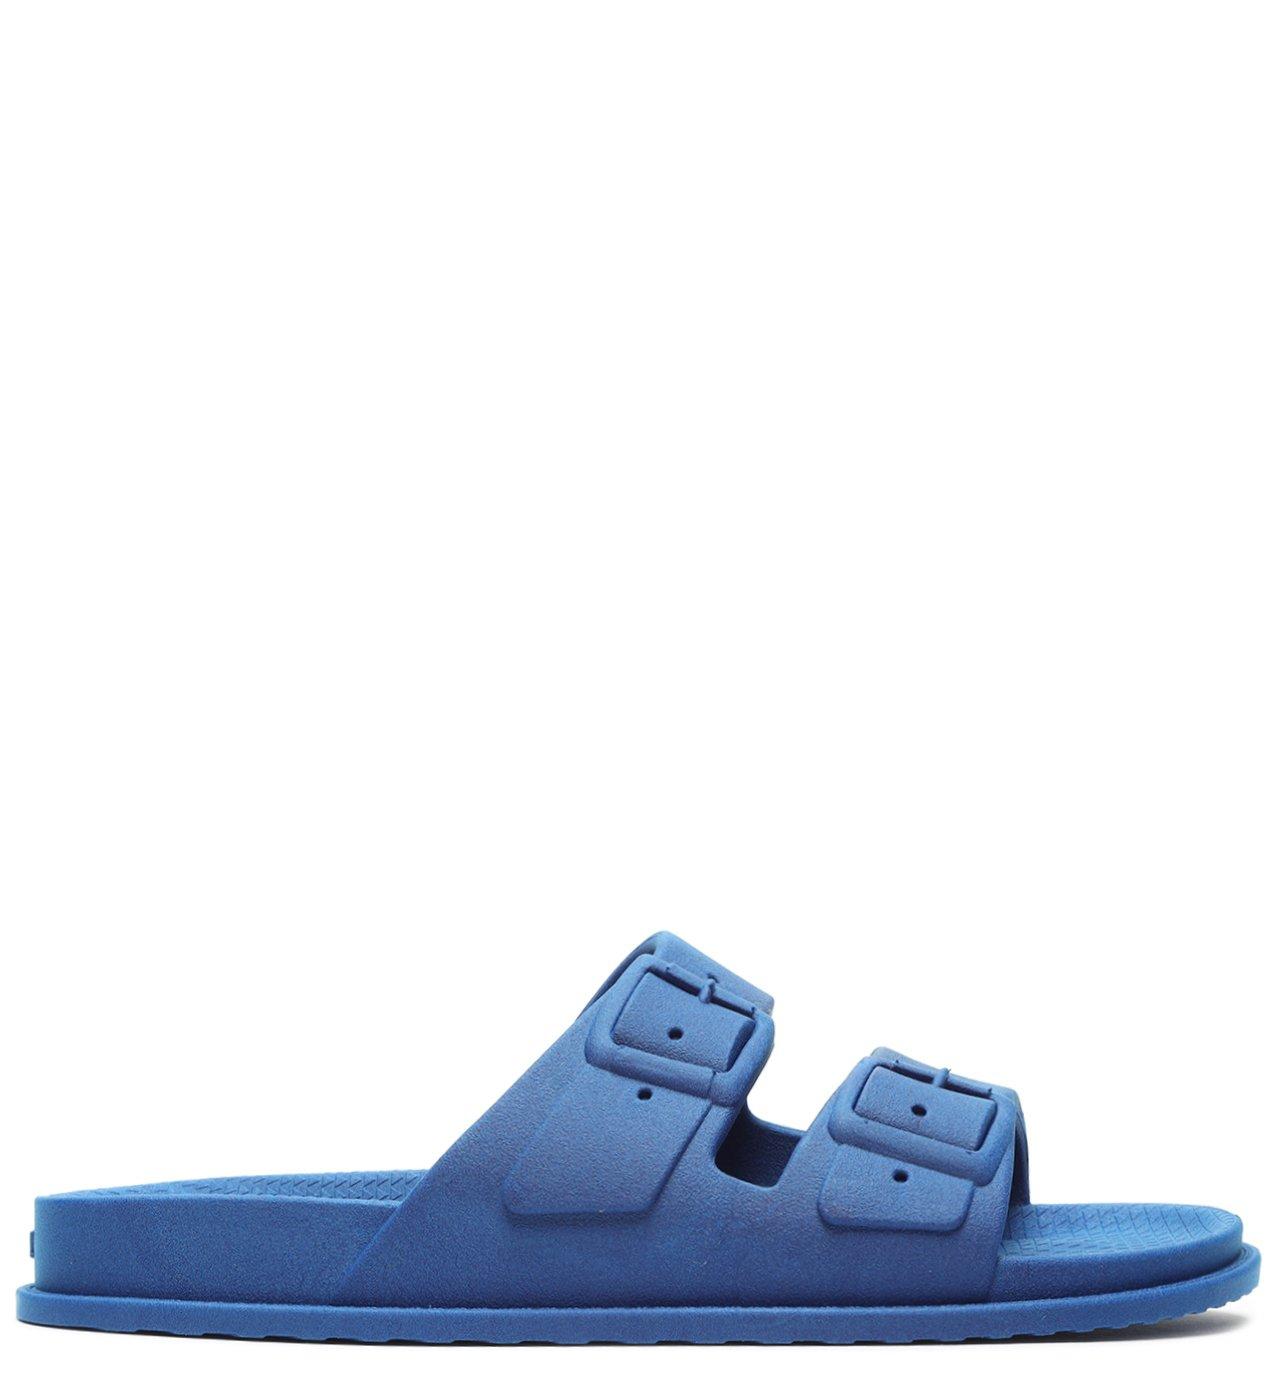 Slide Buckles Full Plastic Blue | Schutz